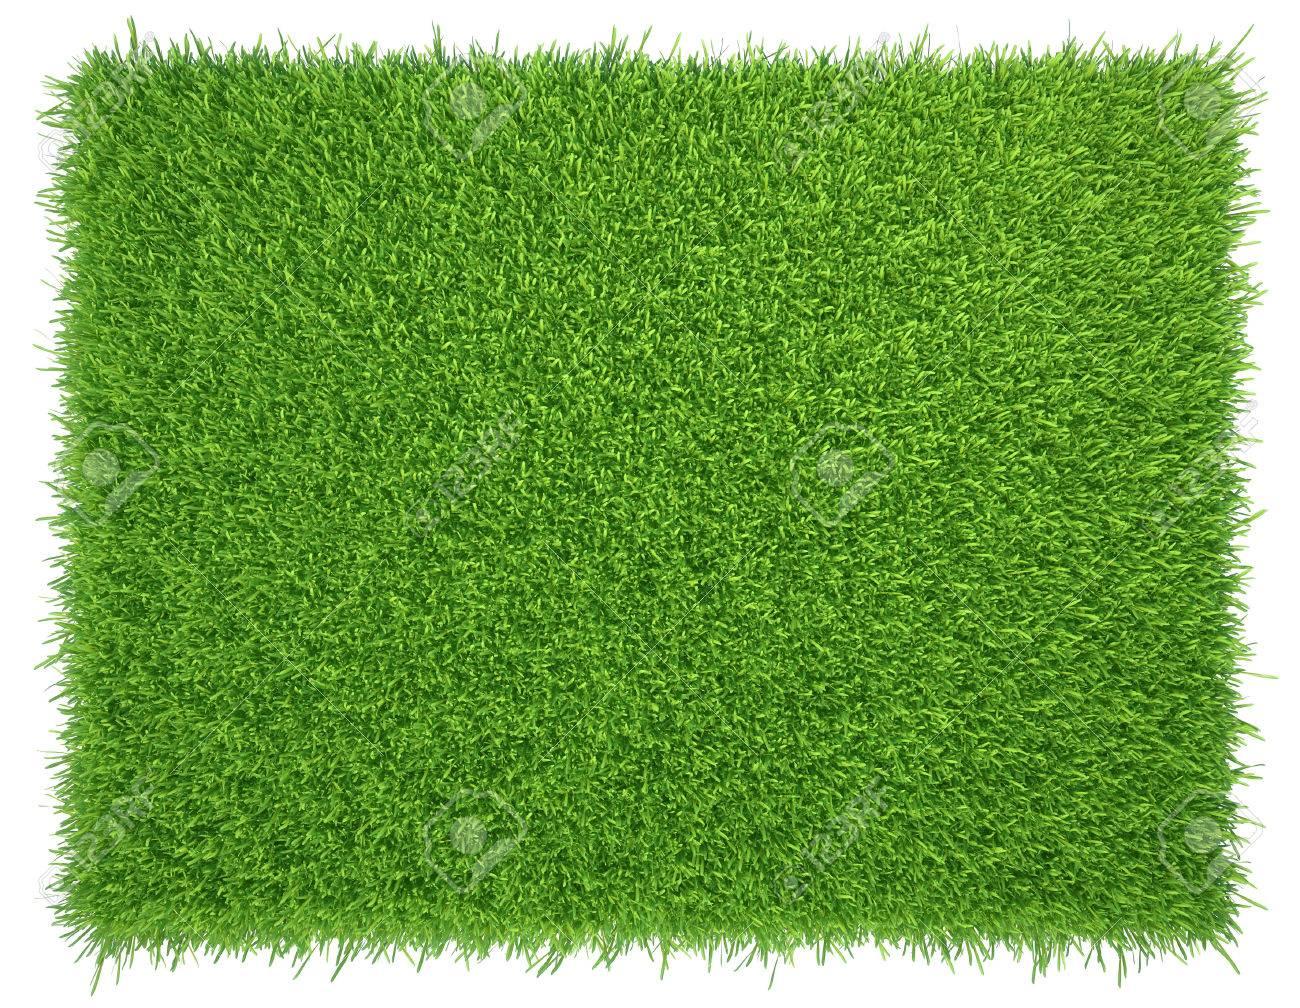 Green grass. natural background texture. fresh spring green grass. - 50008724